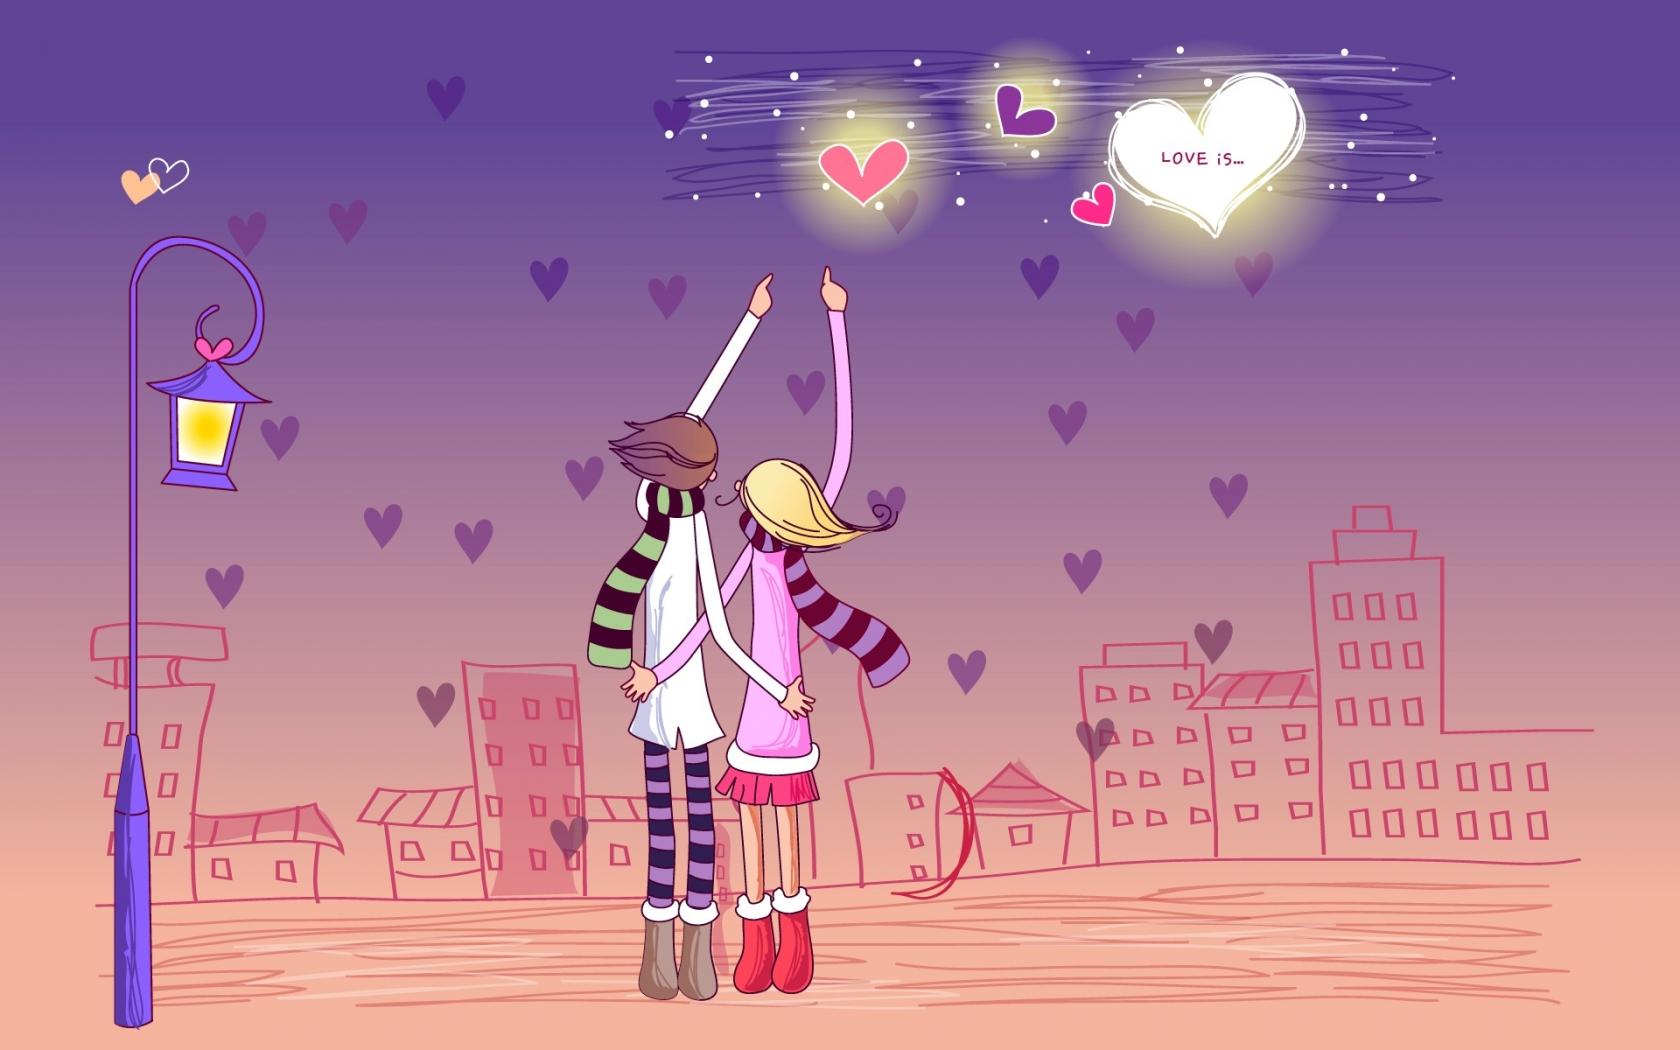 Dibujo de pareja de enamorados - 1680x1050